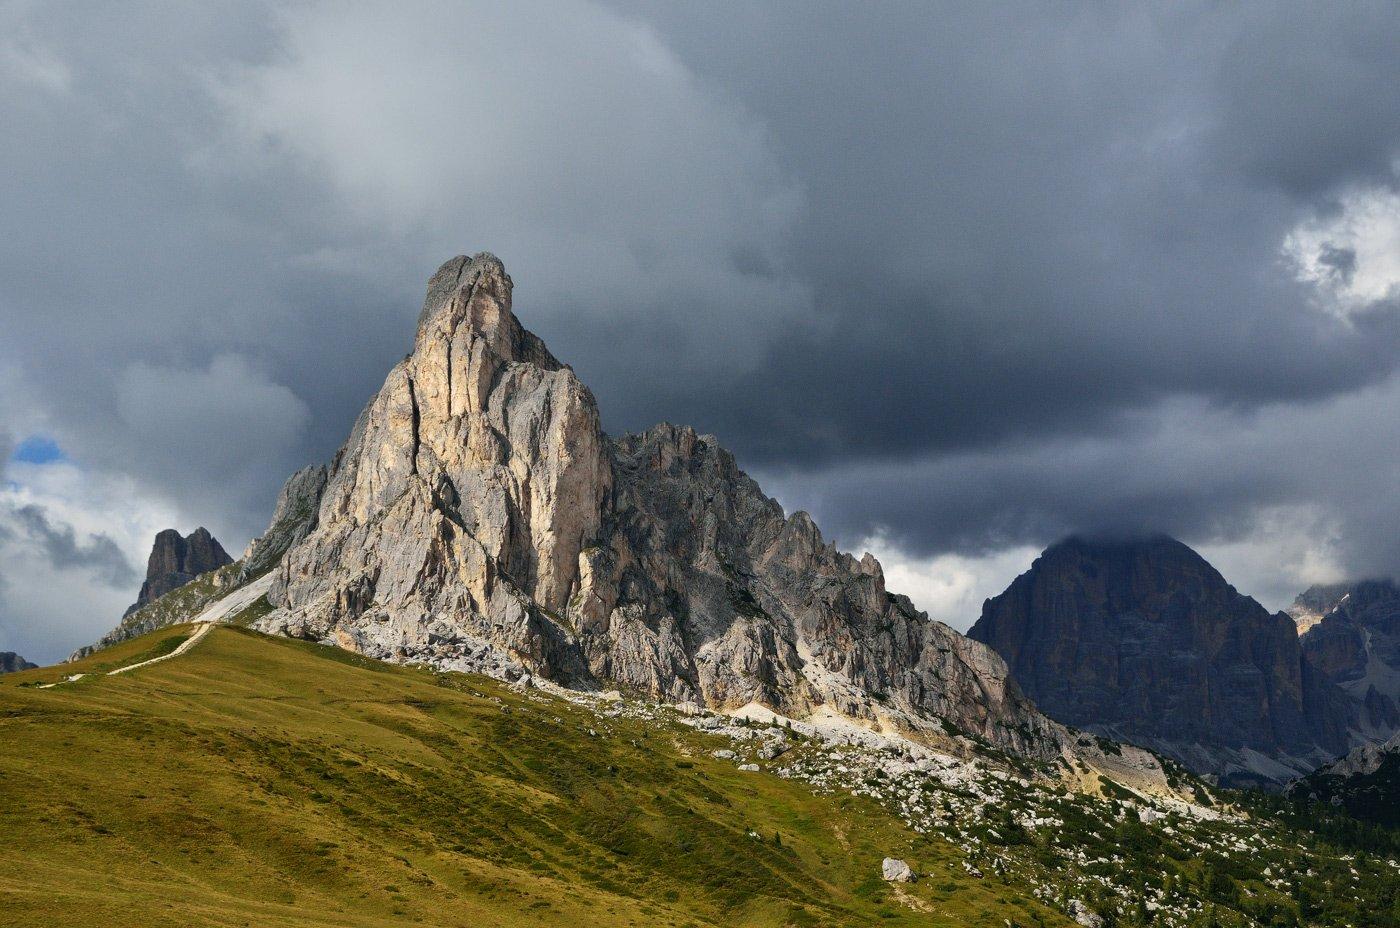 italy, dolomites, passo giau, италия, доломитовые альпы, пассо джау, горы, тучи, Олеся Боева